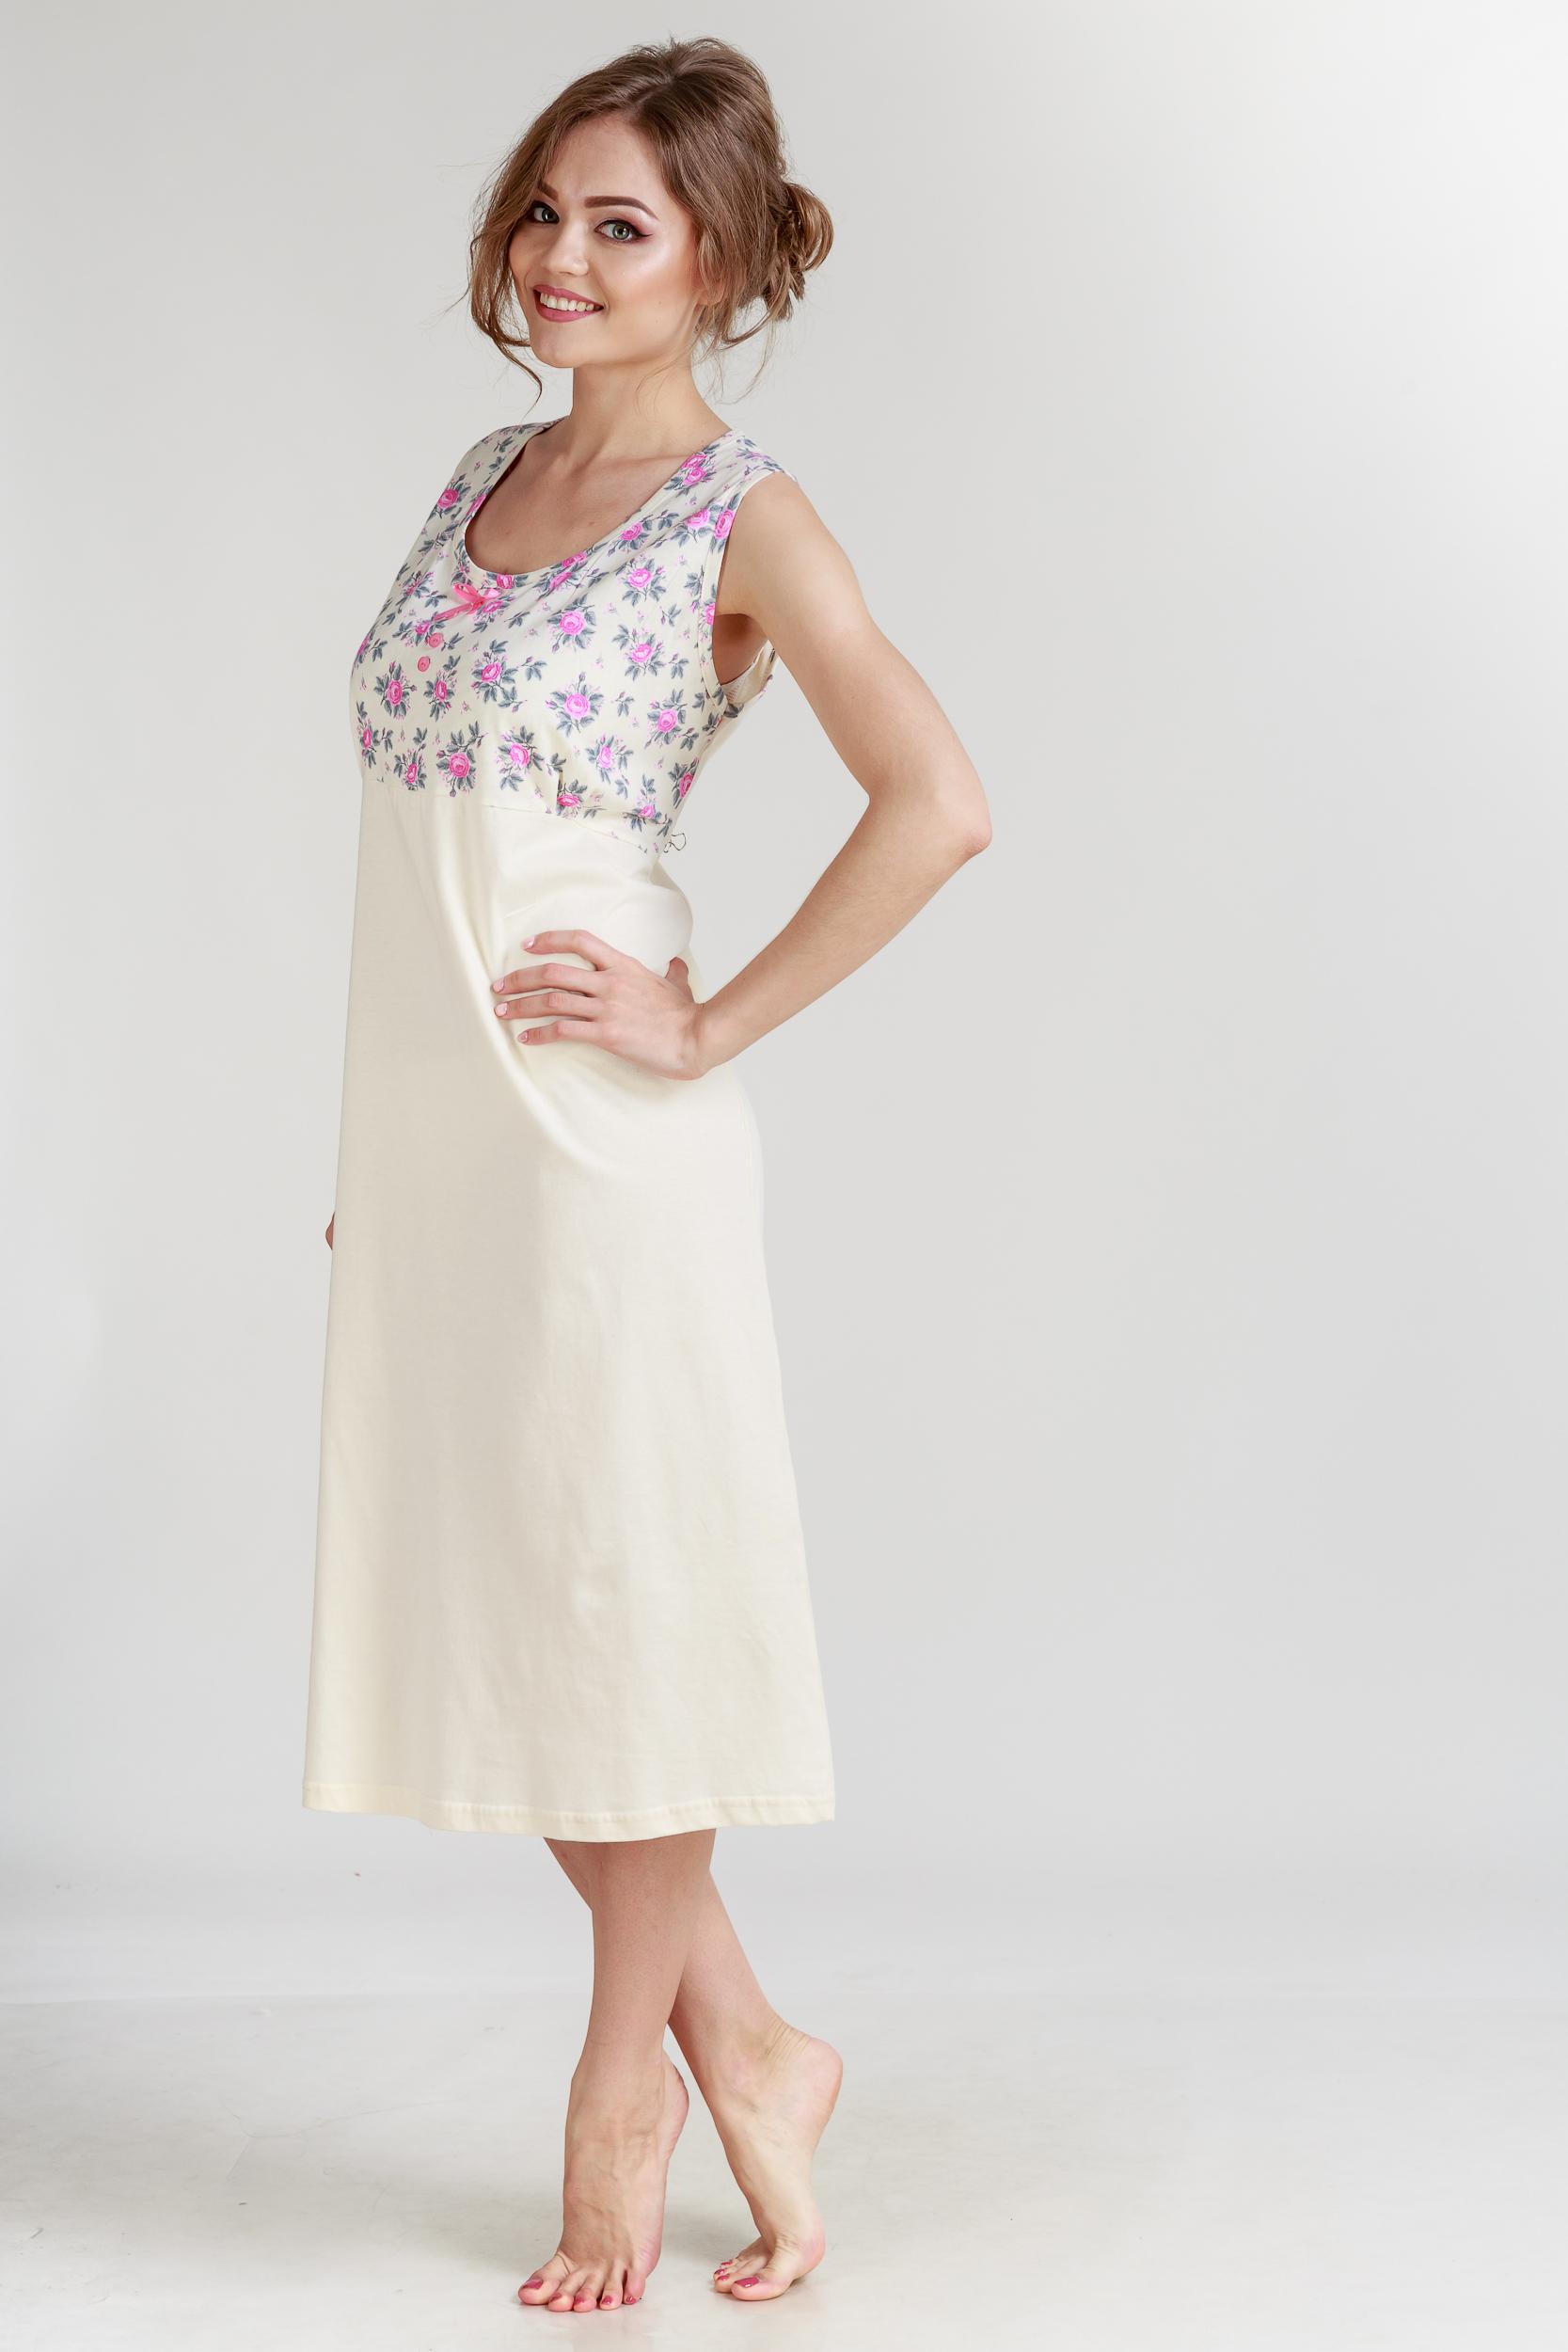 Ночные сорочки Pastilla Ночная сорочка Ваниль Цвет: Розовый (xxL-xxxL) сорочка casmir vegas xxl xxxl